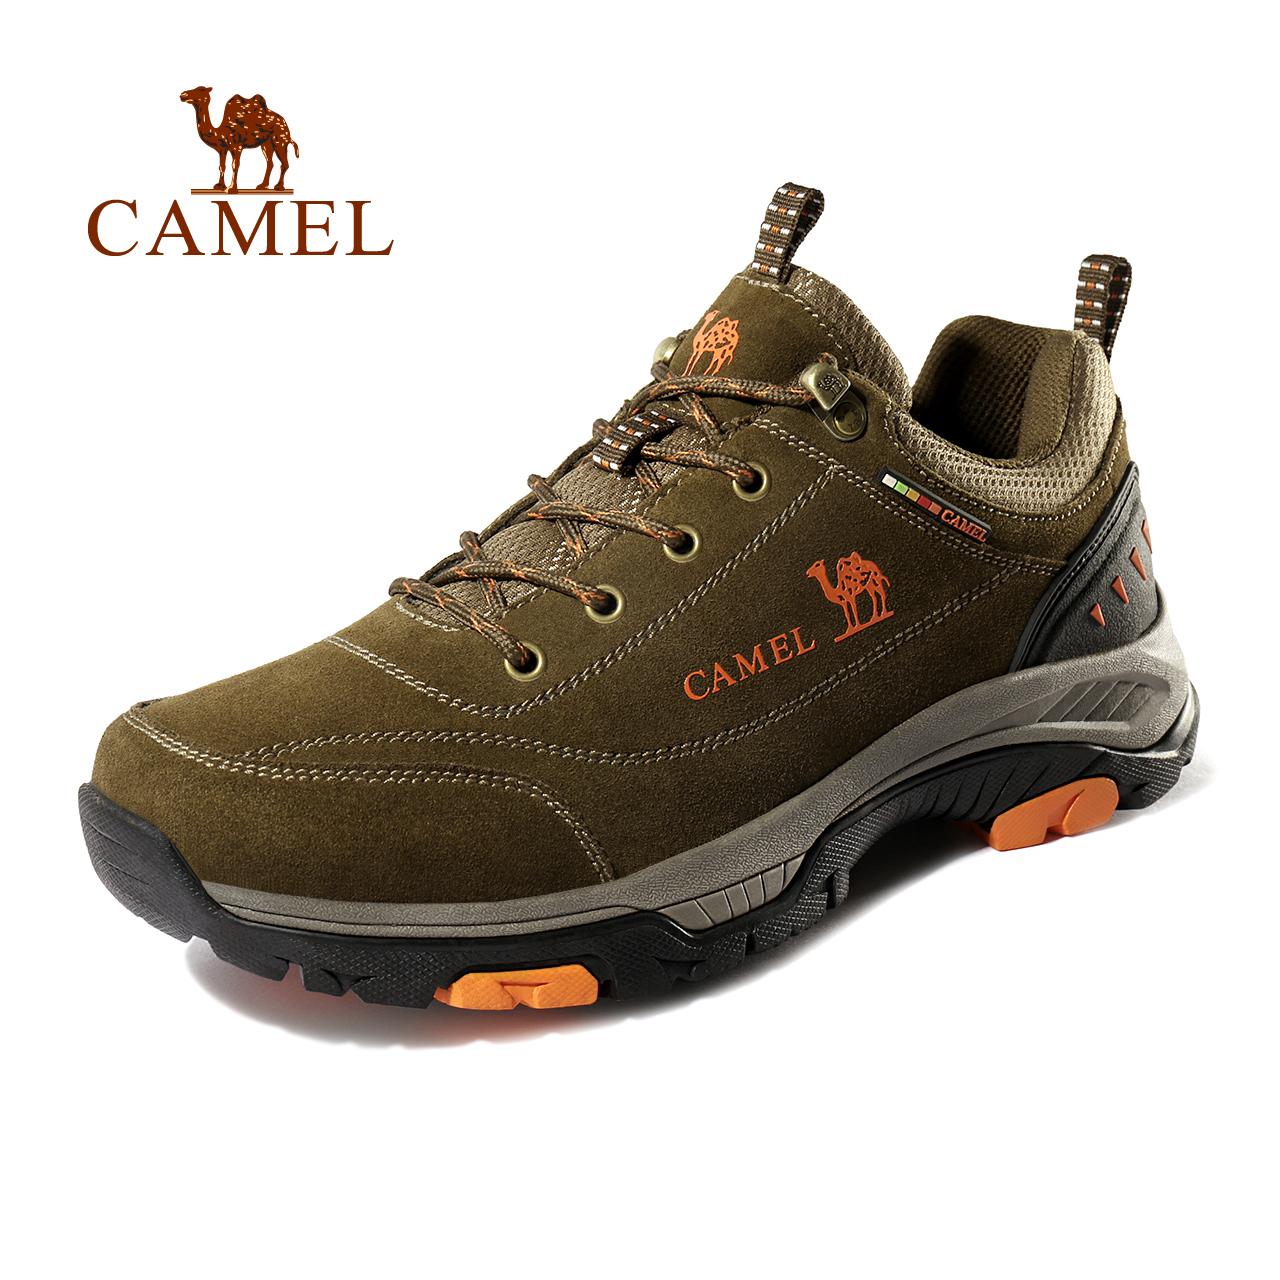 駱駝戶外登山鞋男女反絨牛皮防滑耐磨徒步鞋防撞透氣減震低幫鞋